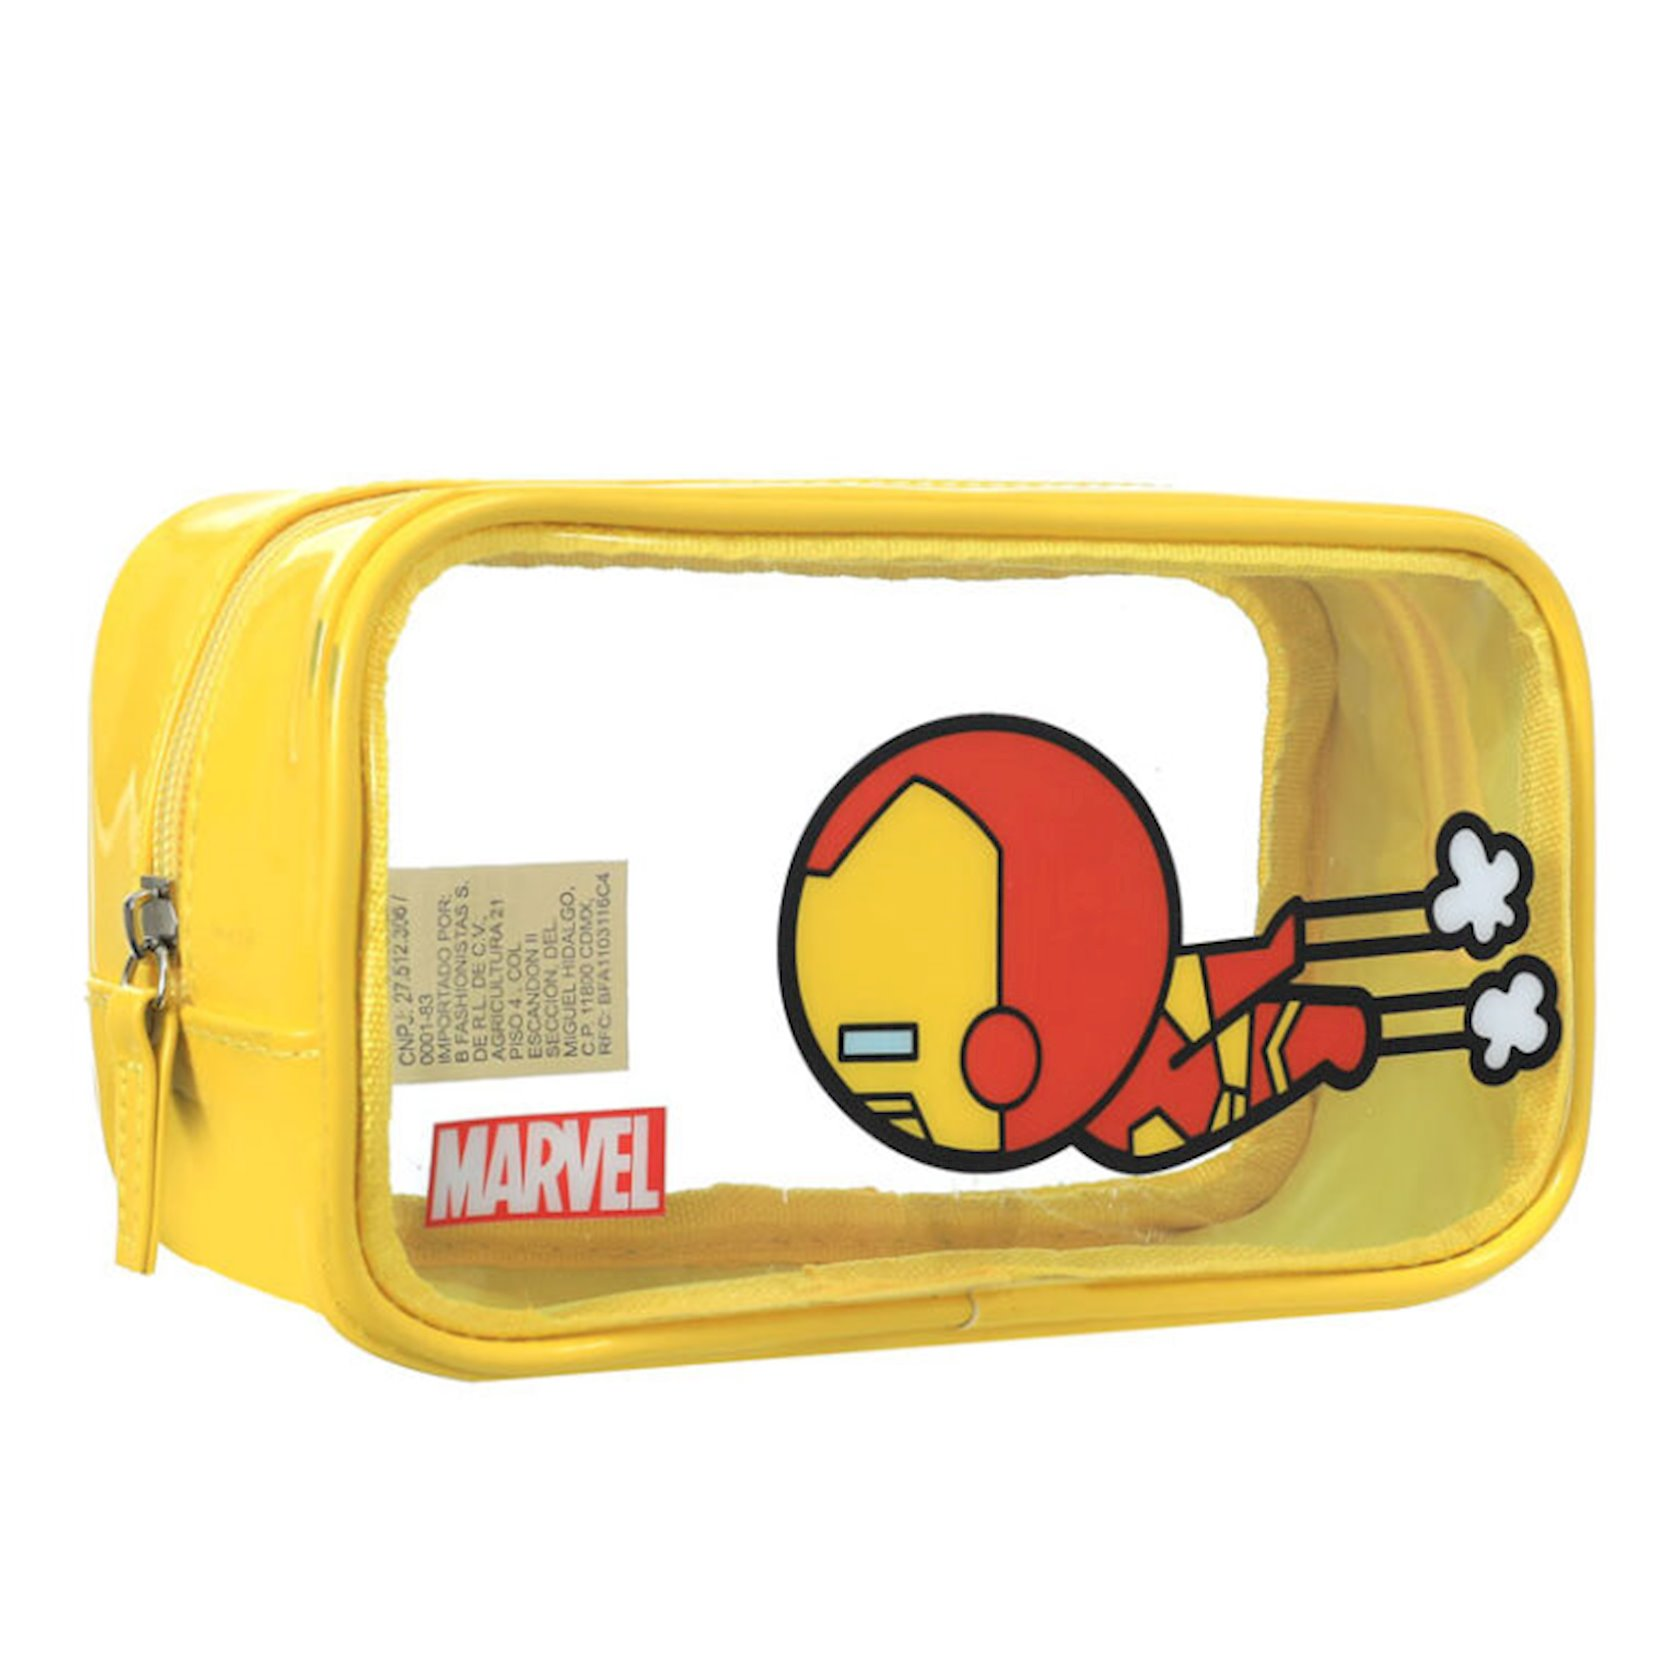 Klatç Miniso Marvel Clutch Bag Iron Man, Dəmir adam, sarı